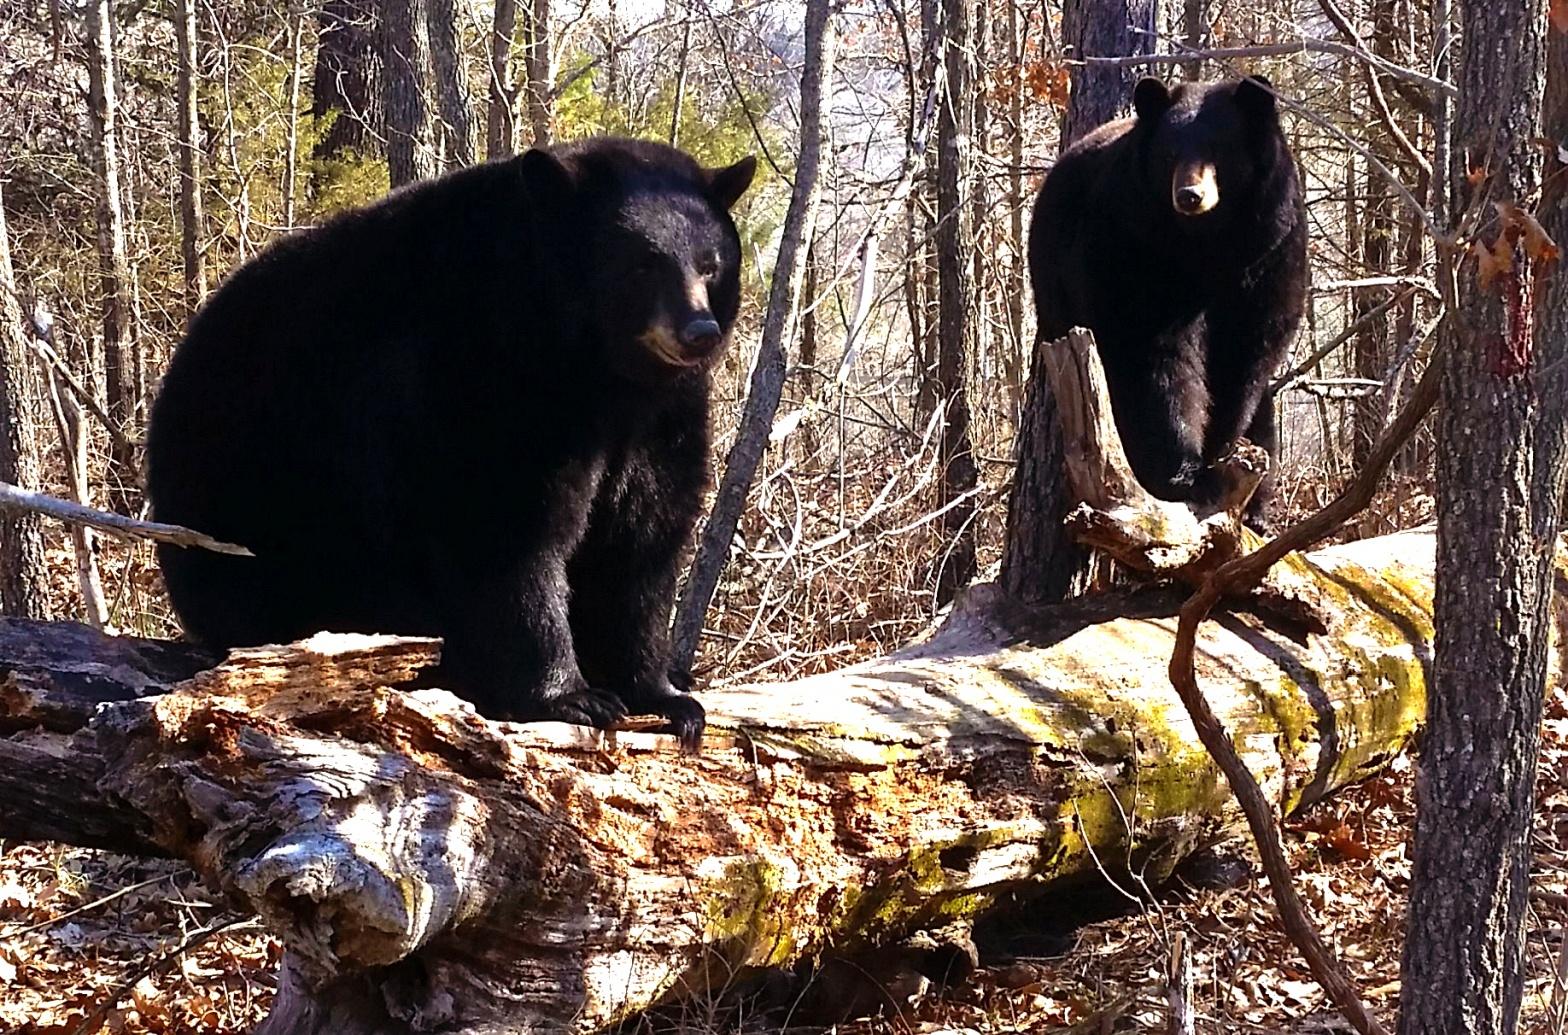 Holli & Lolli Black Bears